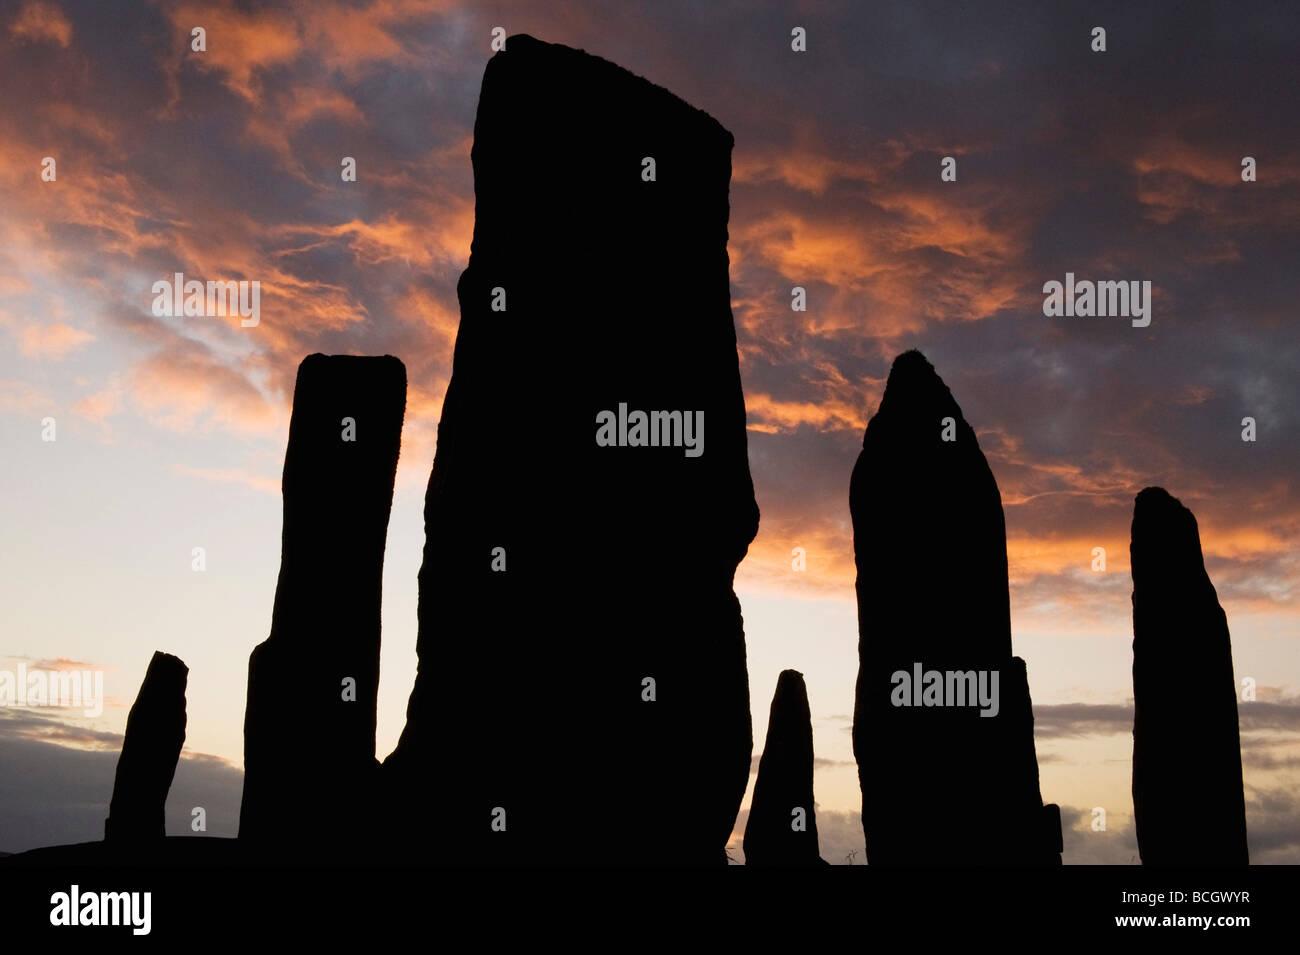 Callanish Stone Circle, el neolítico, Piedras, puesta de sol en el solsticio de verano, la isla de Lewis, Hébridas Exteriores, Escocia Foto de stock